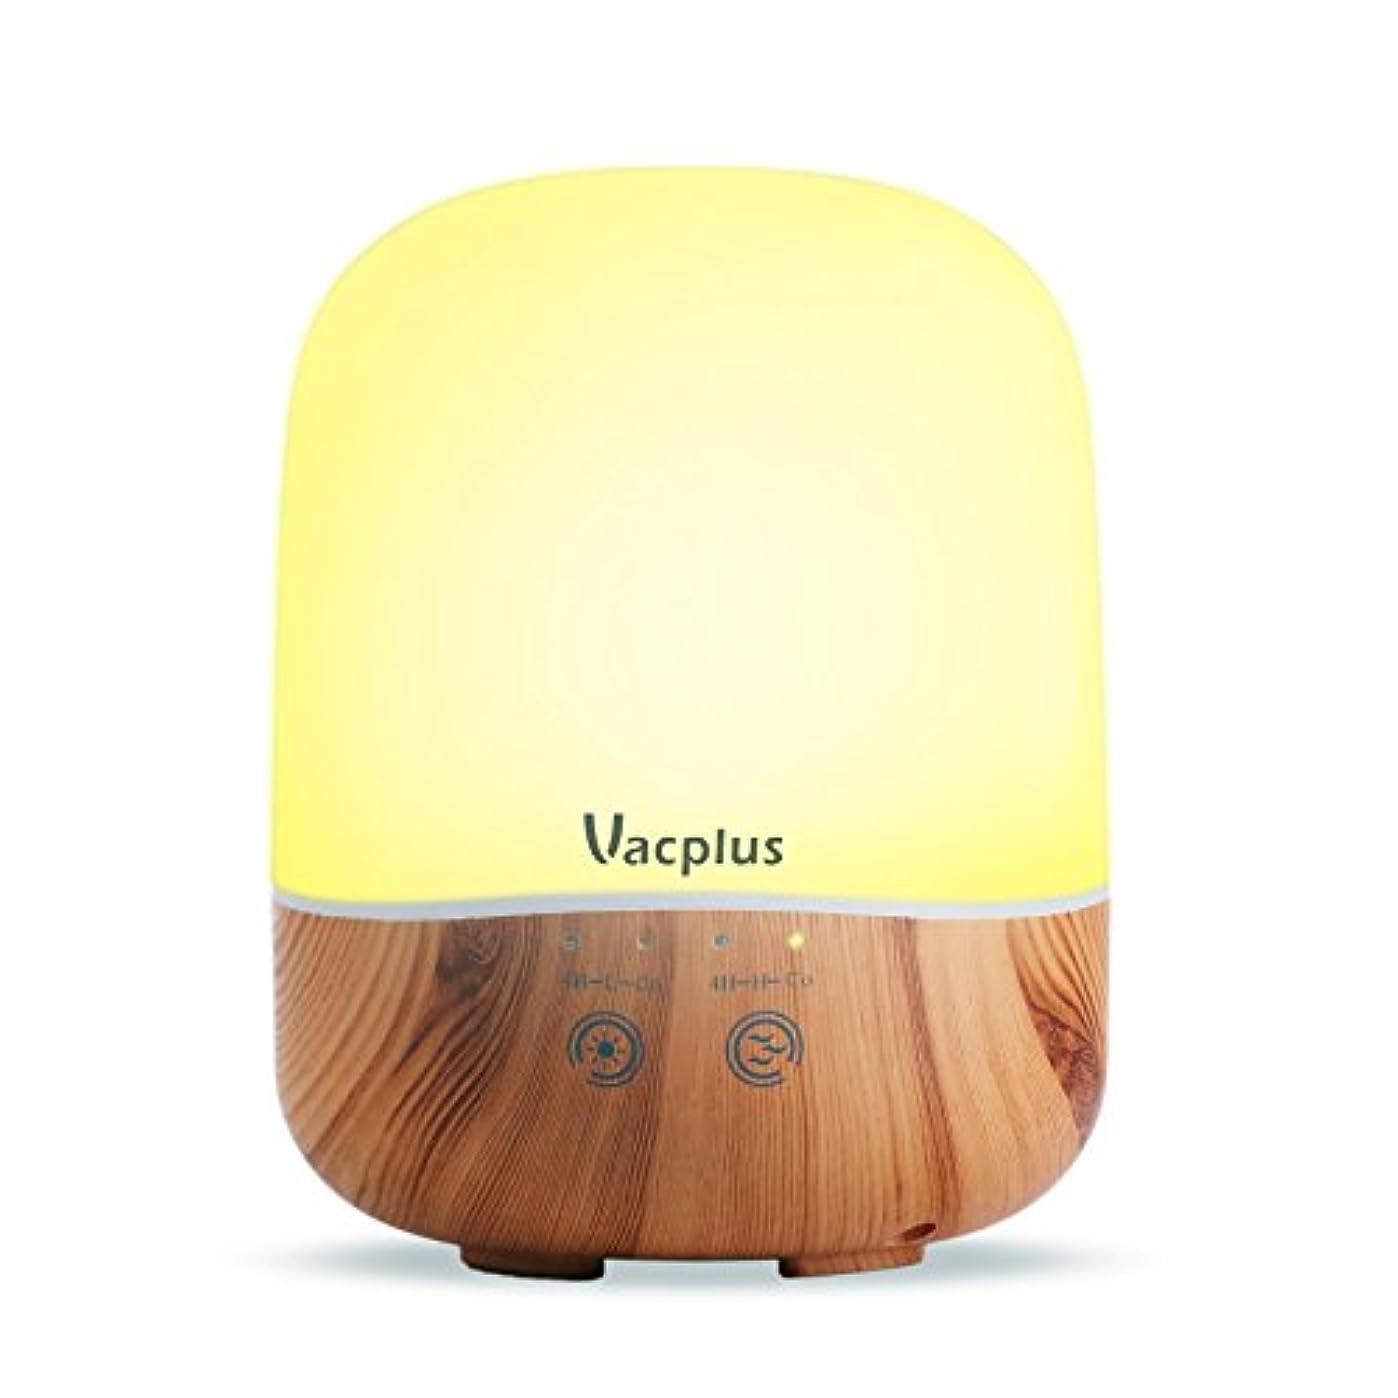 中間新年ノイズVacplus アロマディフューザー 加湿器 300ml大容量 超音波式 卓上加湿器 七色変換LEDライト 空焚き防止機能(木目調)